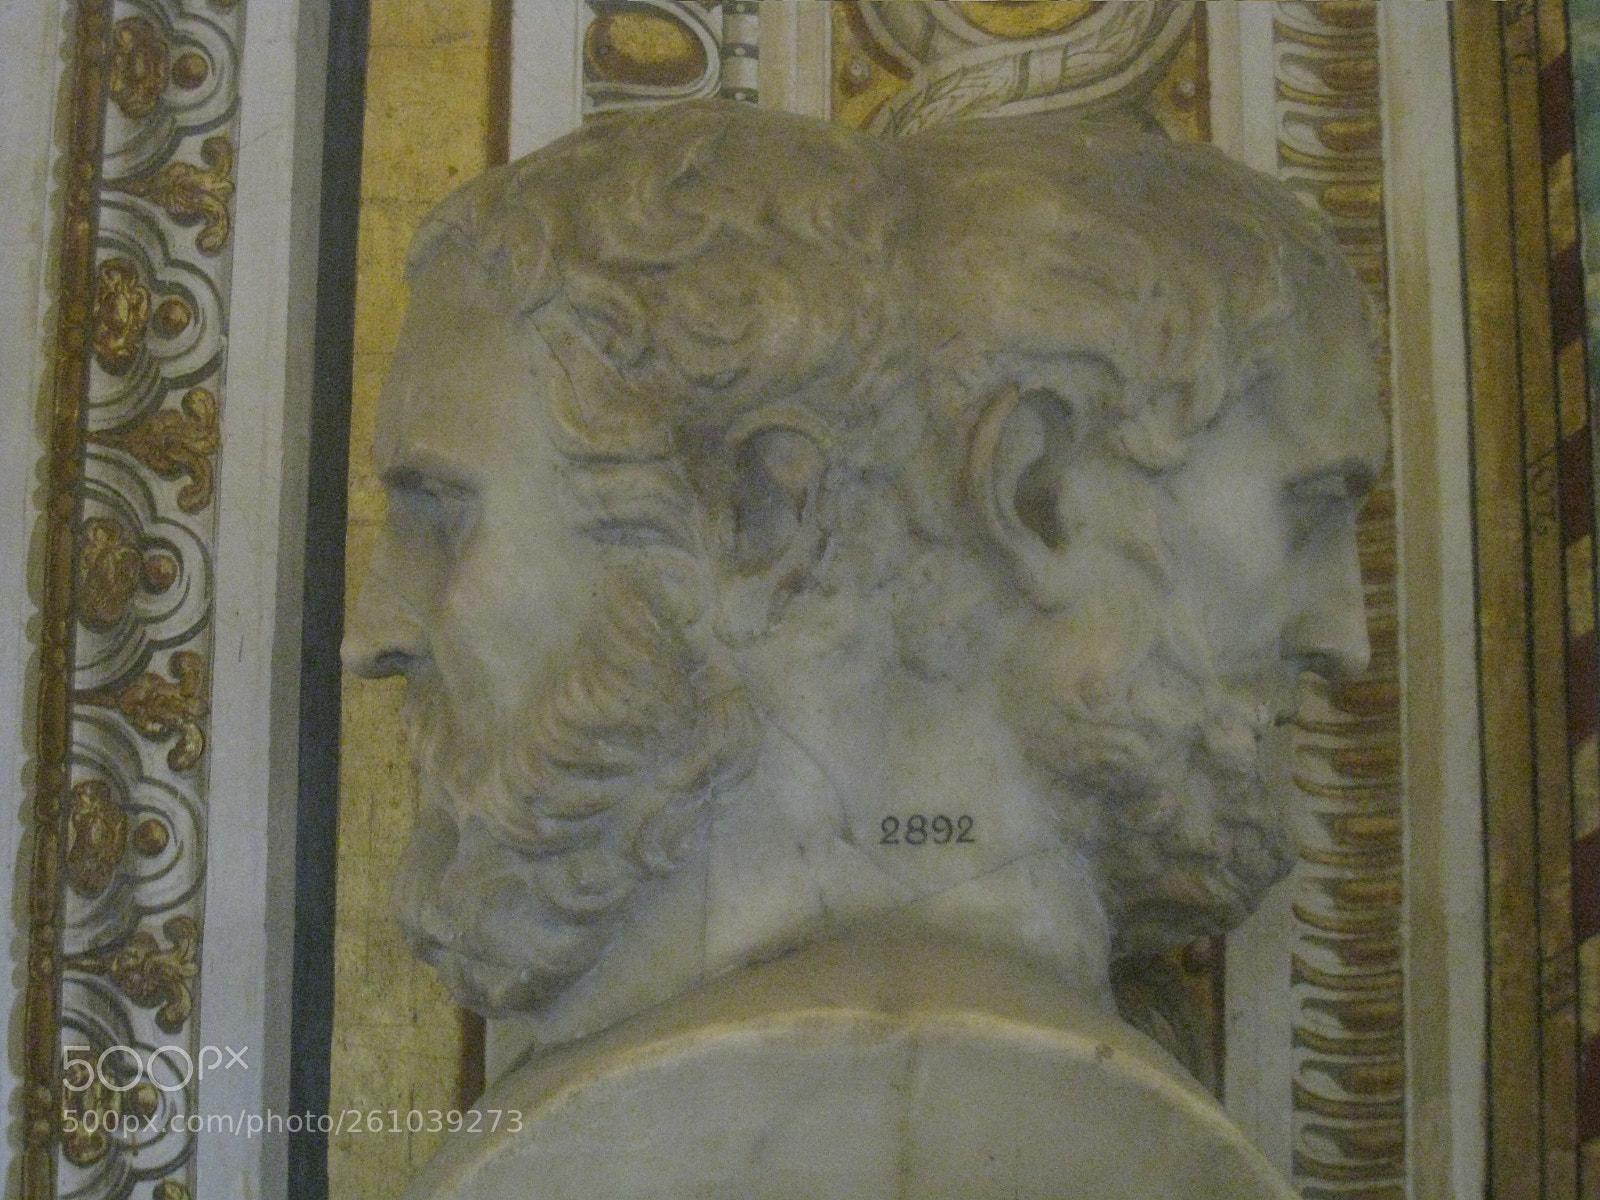 vatican museum, Canon DIGITAL IXUS 860 IS